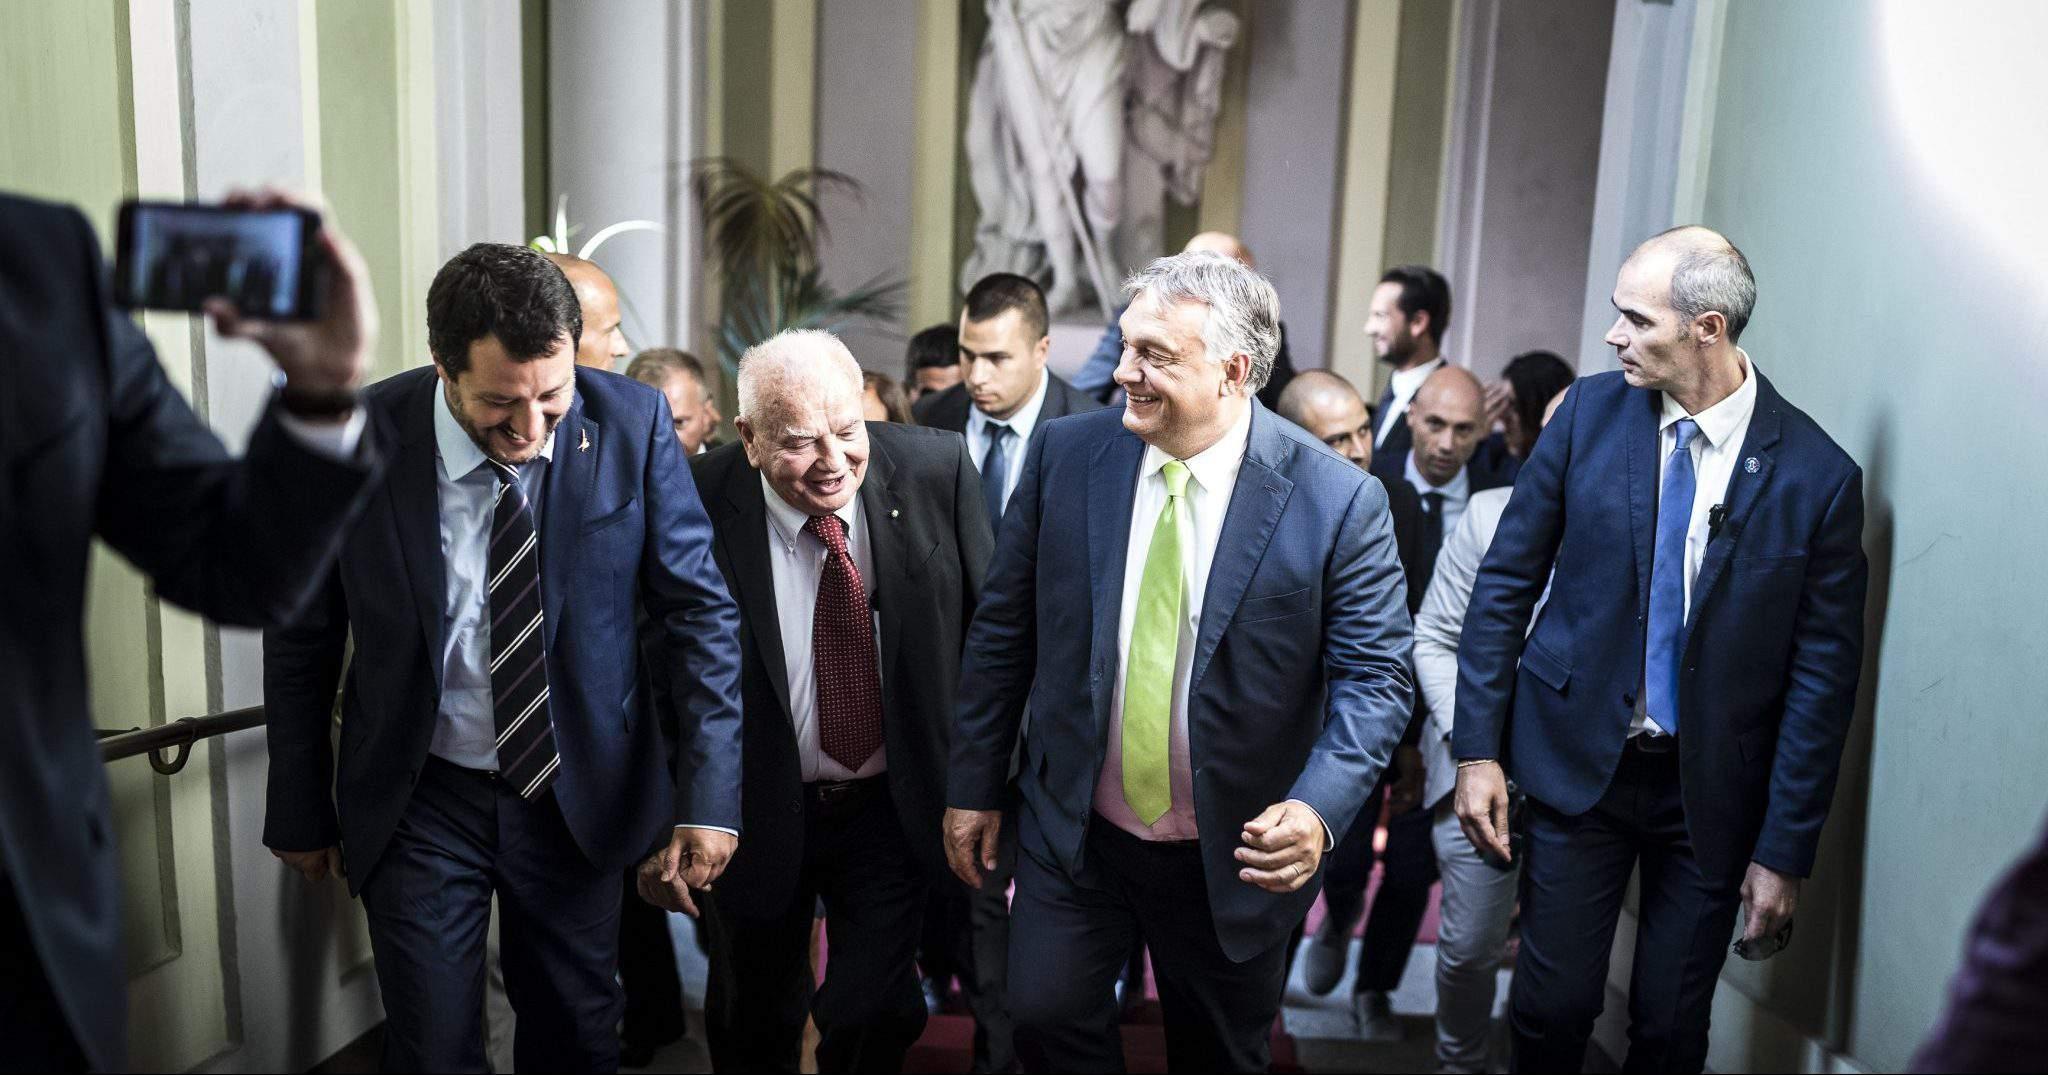 Orbán Milan Italy